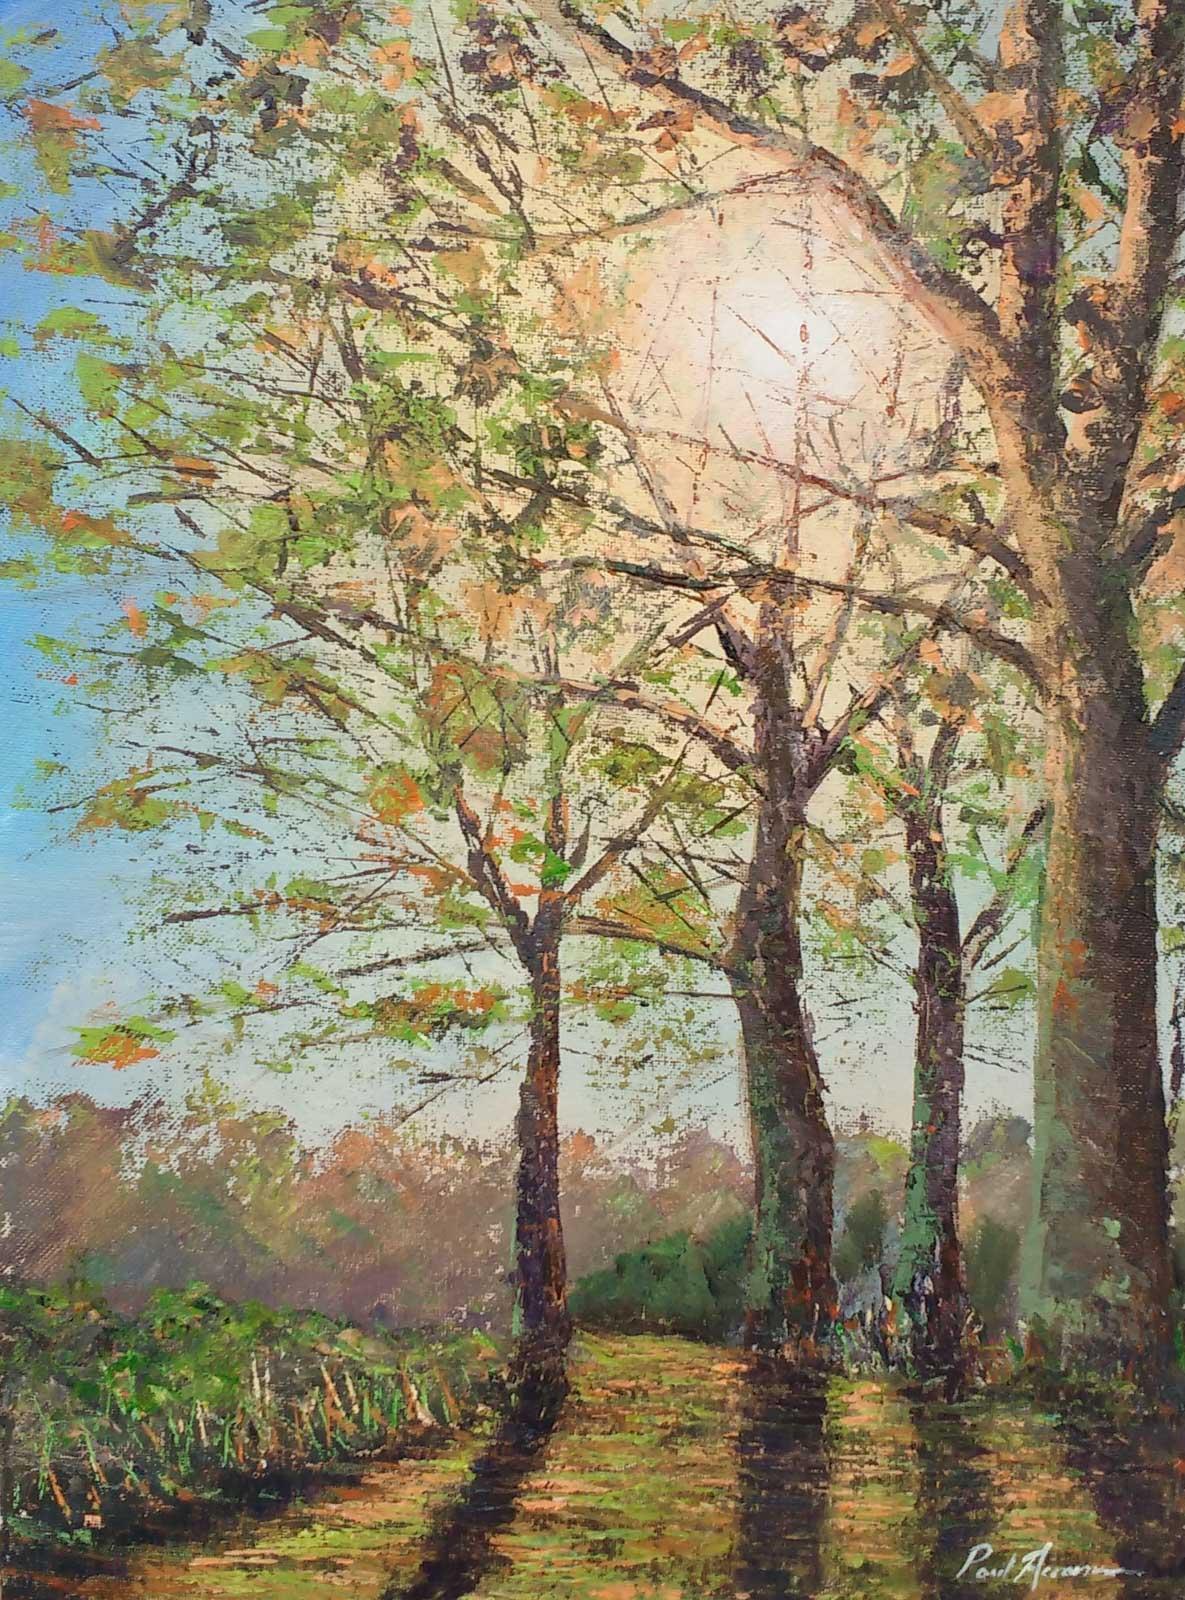 Paul Acraman-landscape-painting-Devon-trees-Top Path Saltram Park